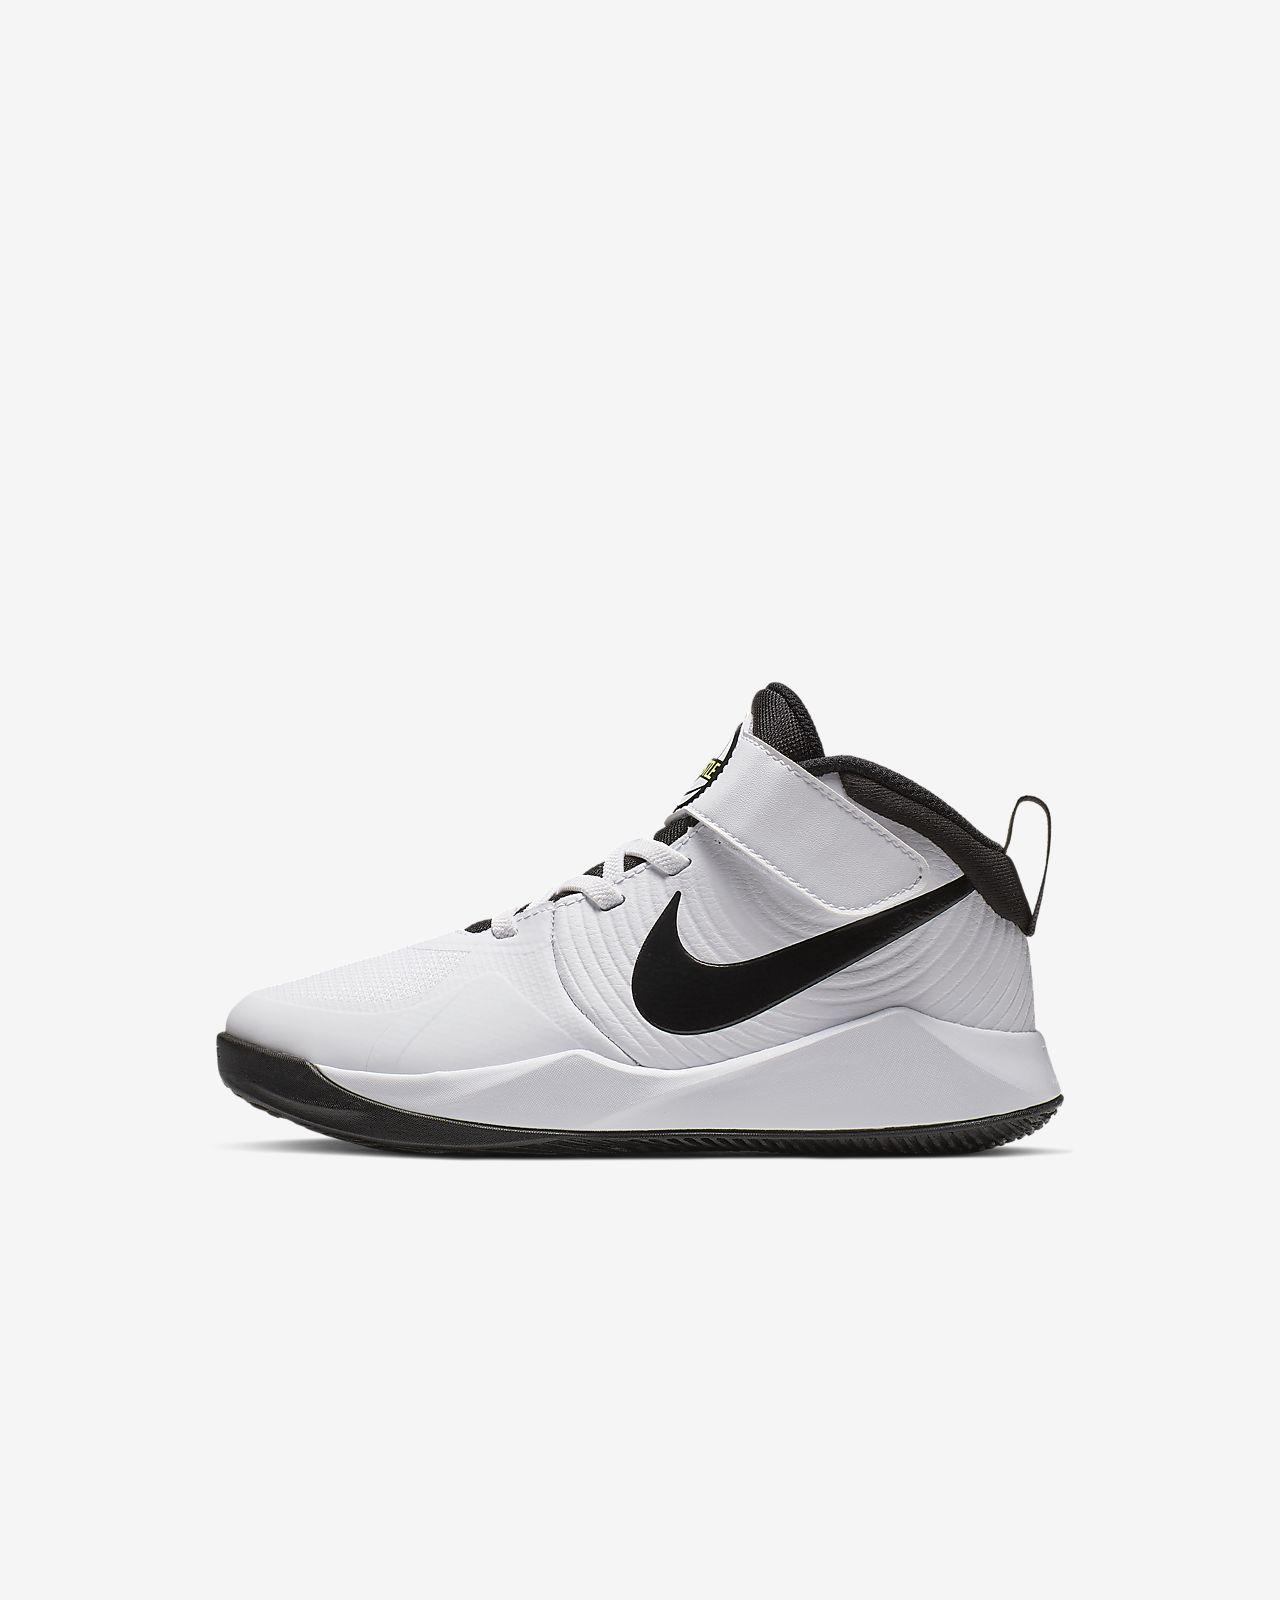 Chaussure Enfant Nike 9 Pour Team Jeune D Hustle FKcJTl1